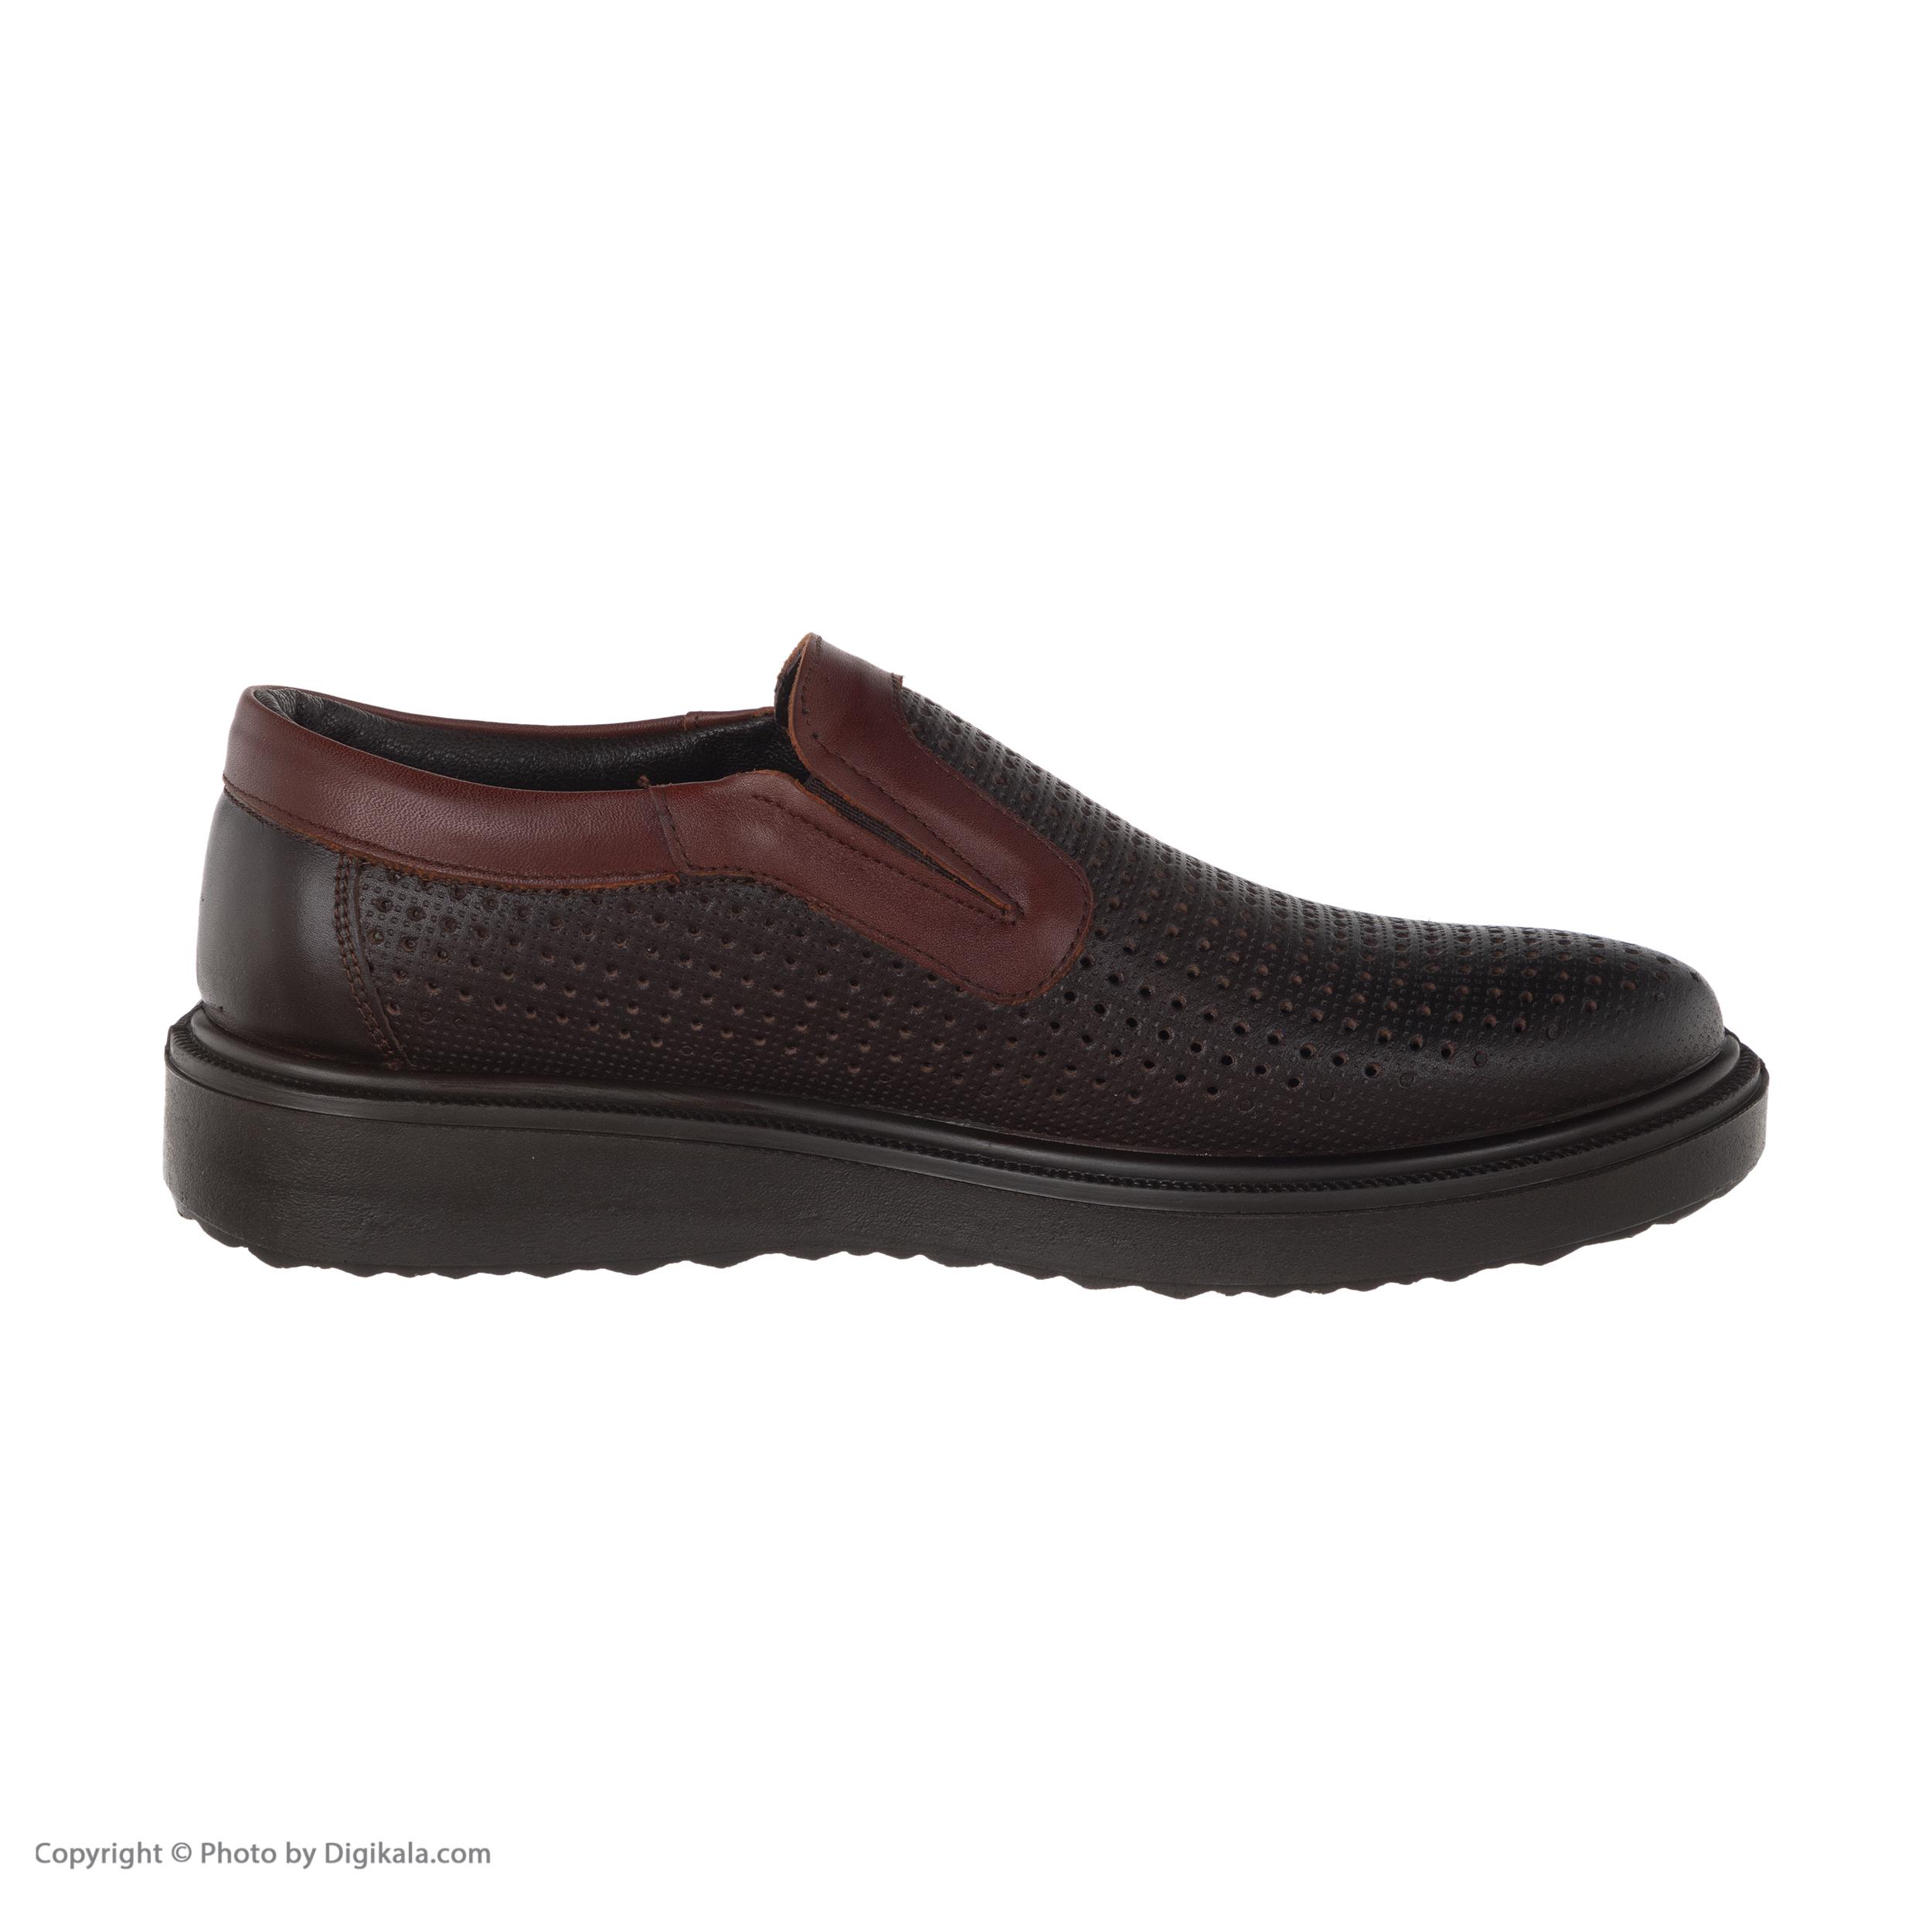 کفش روزمره مردانه مل اند موژ کد 860